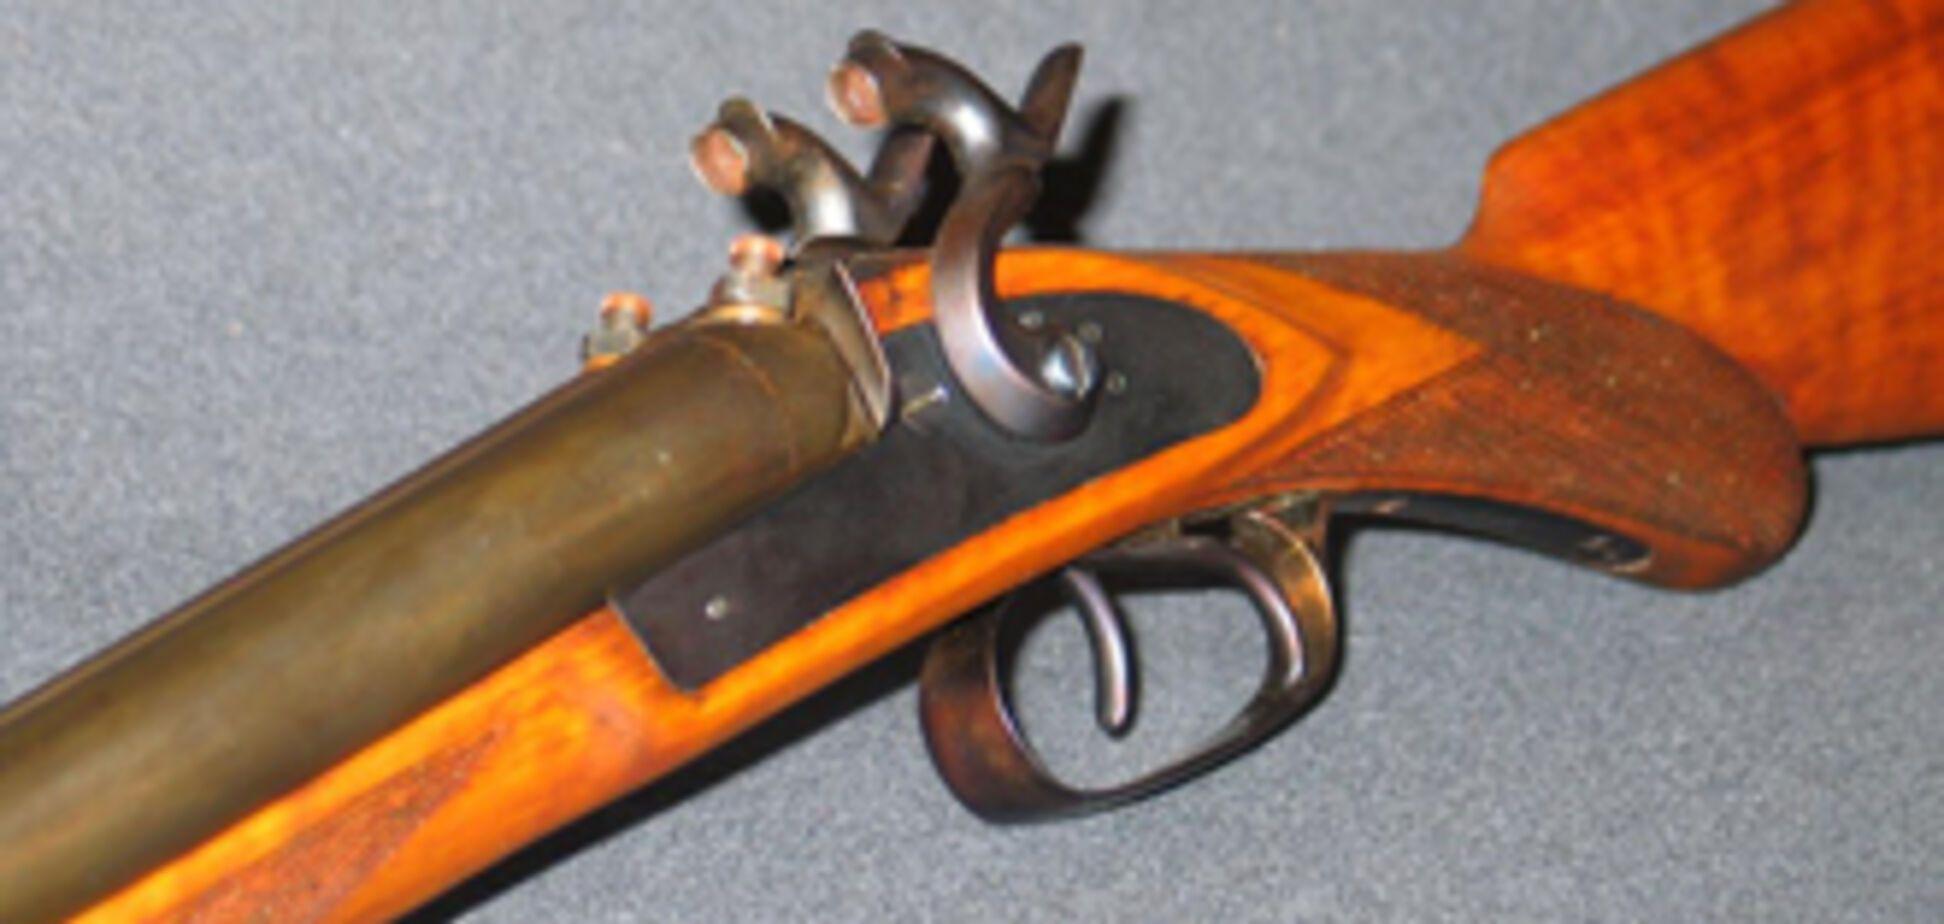 На Донетчине парень застрелил брата, спутав его с барсуком